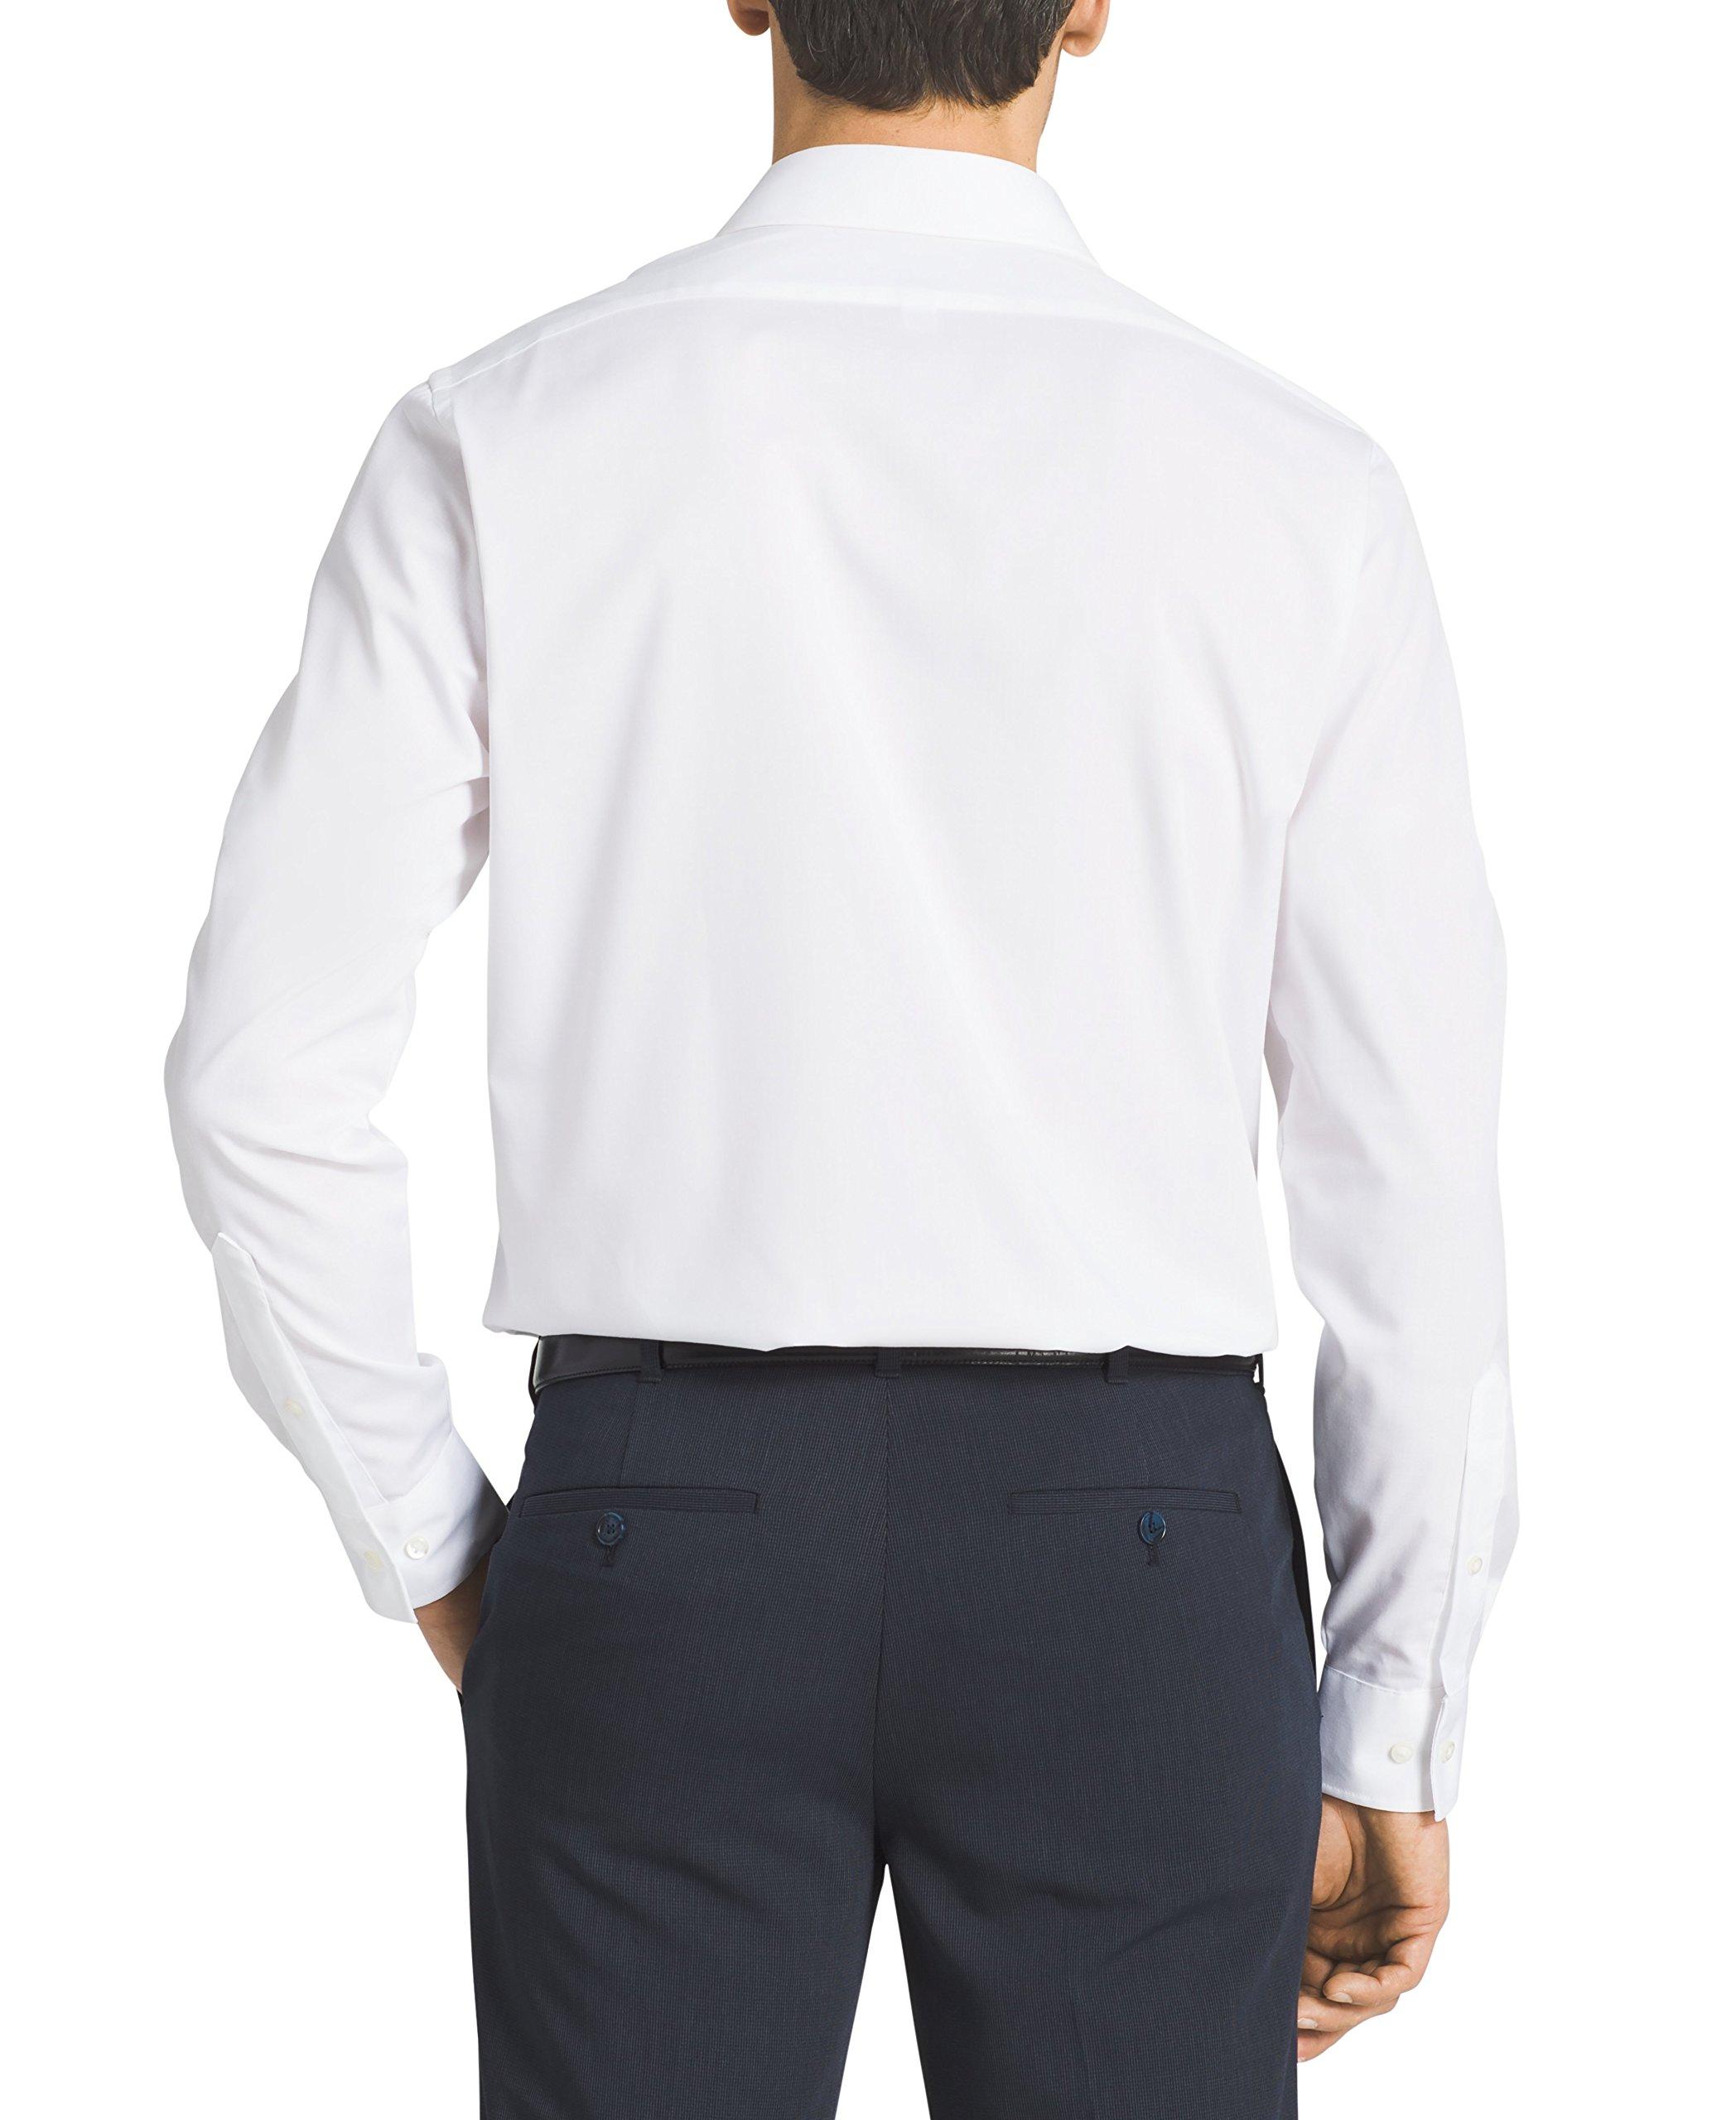 Van Heusen Men's Flex Collar Regular Fit Solid Spread Collar Dress Shirt, White, 16.5'' Neck 32''-33'' Sleeve by Van Heusen (Image #5)